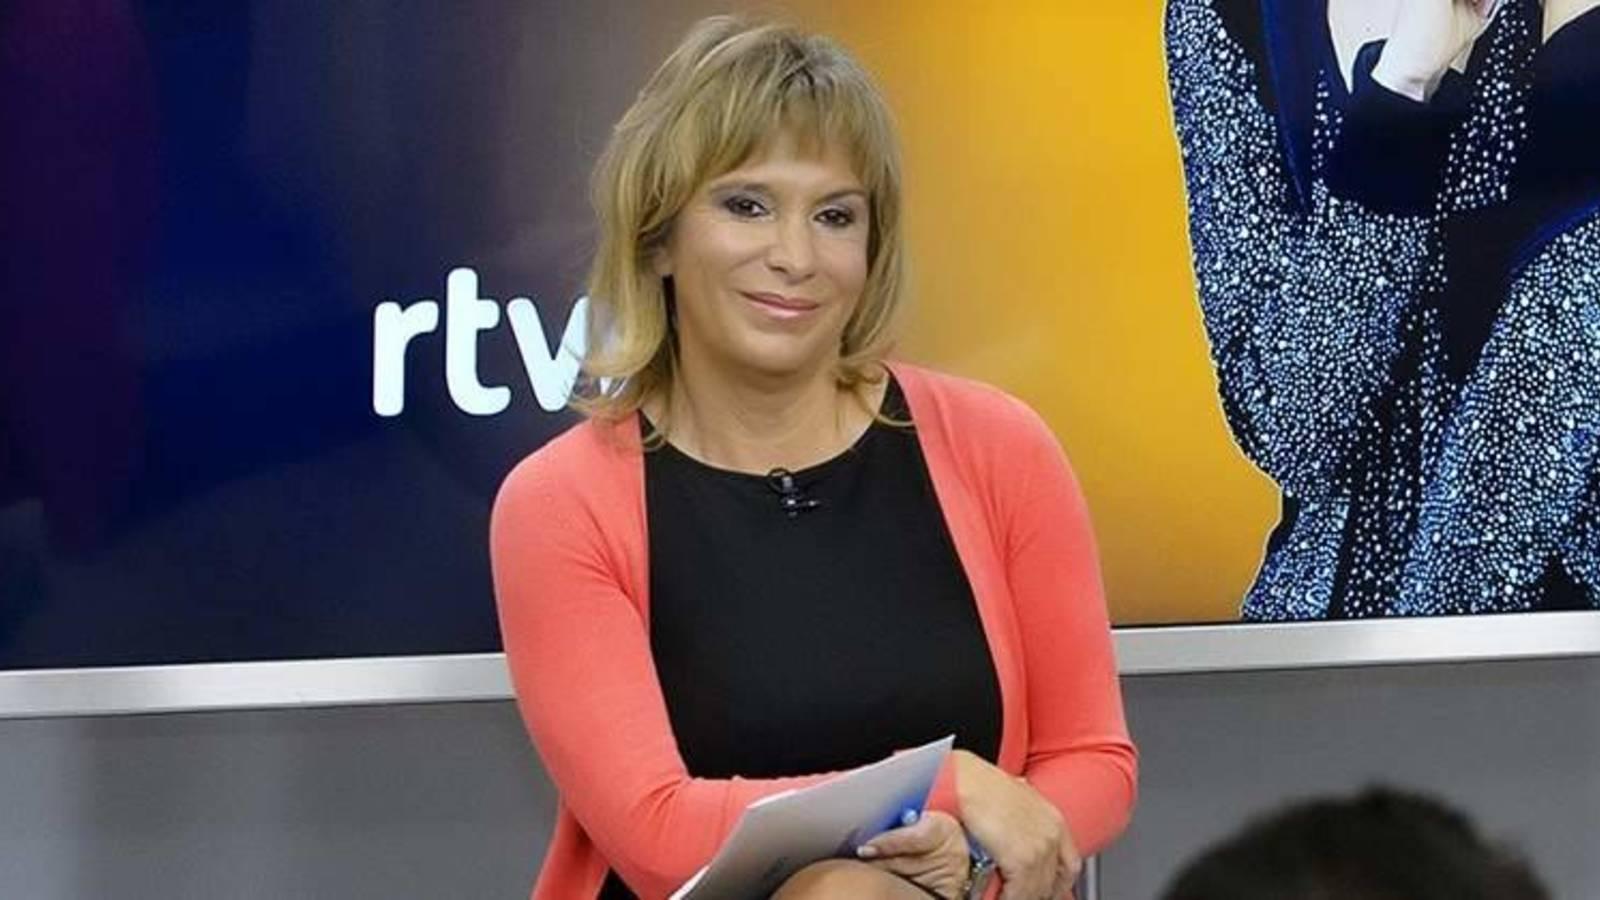 El lío de Toñi Prieto en RTVE: ¿La despiden o no? ¿Volveremos a fracasar en Eurovisión por su culpa?